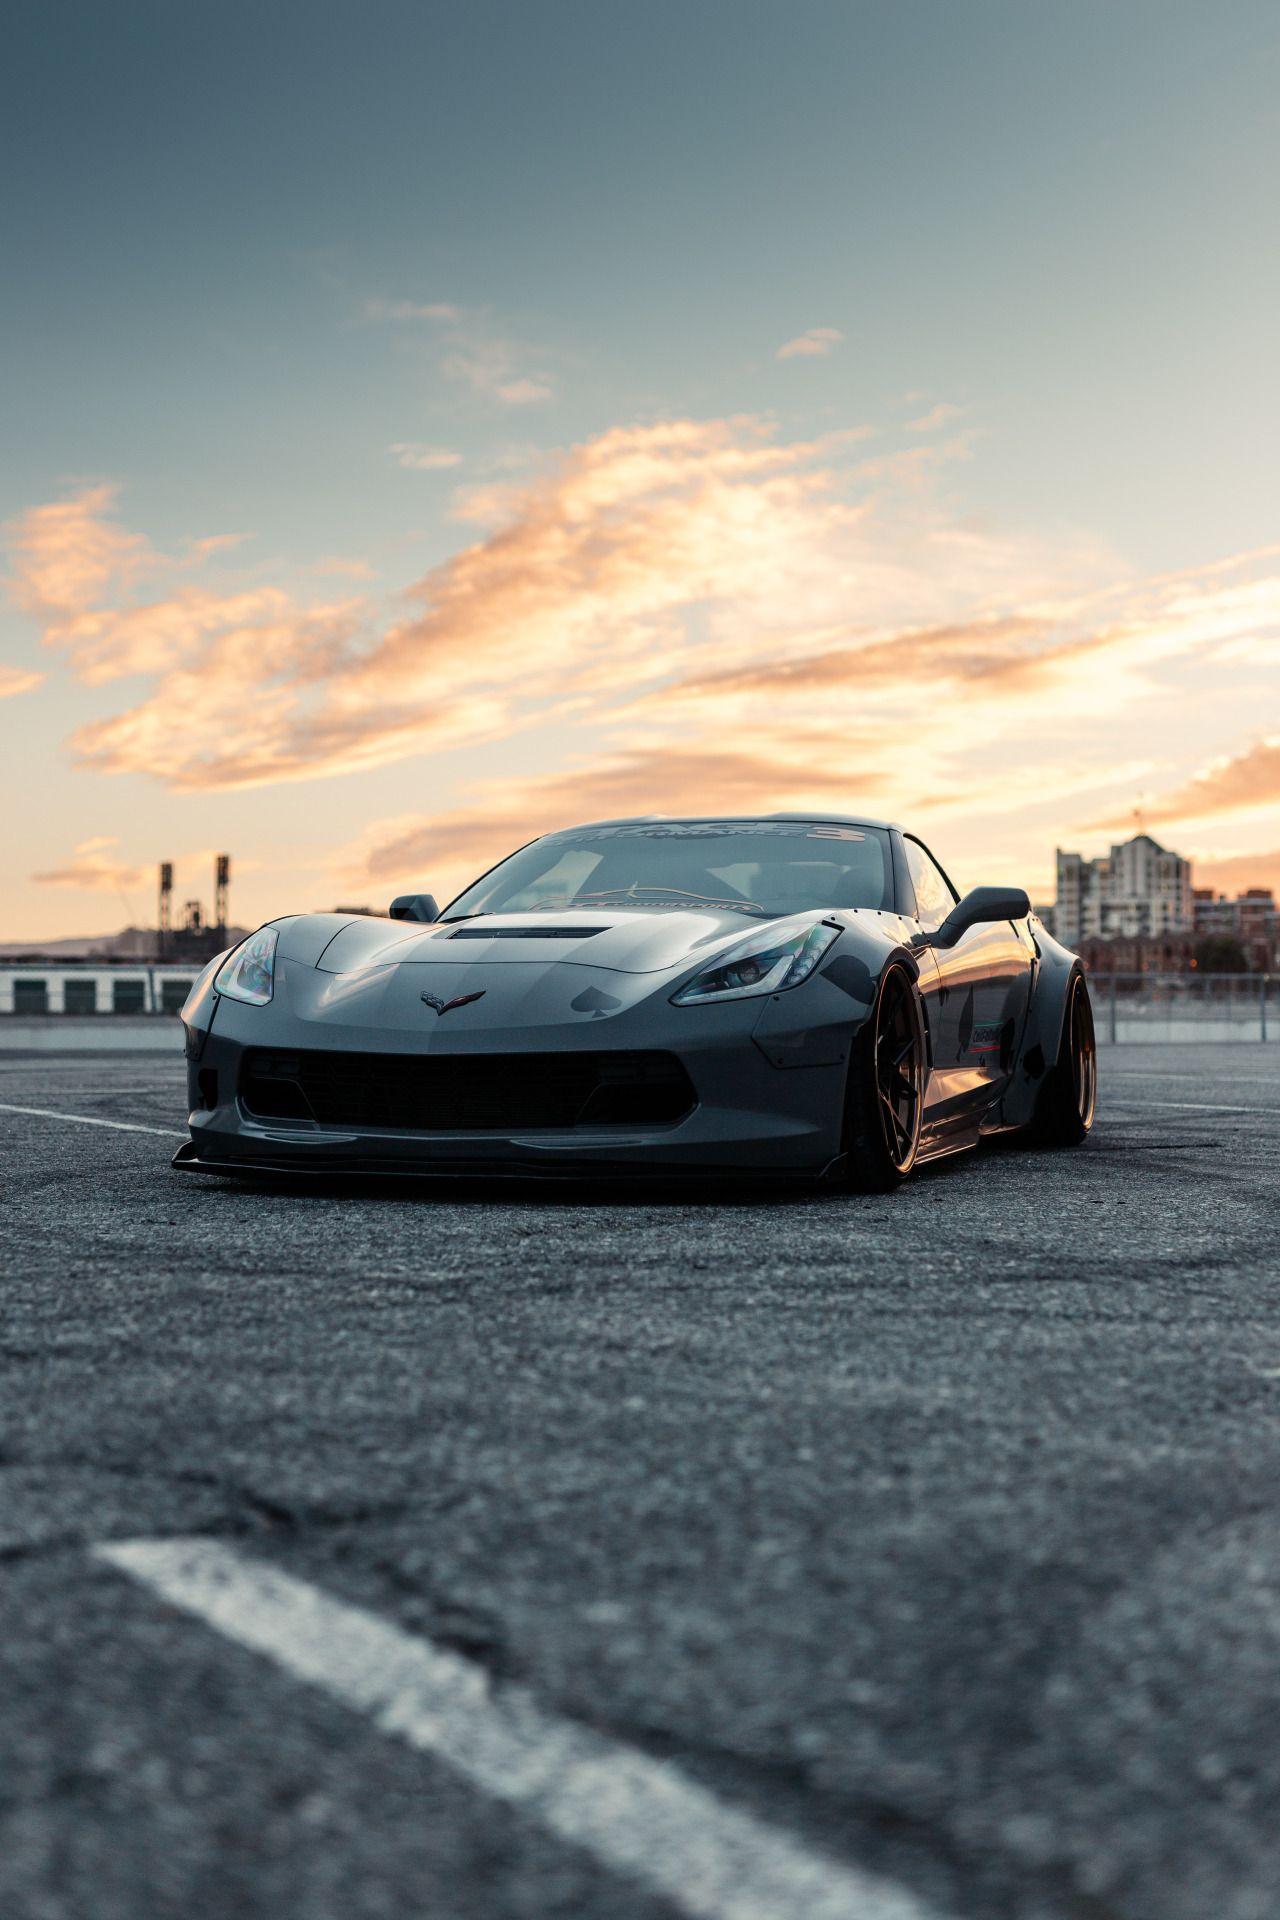 corvette Tumblr Corvette, Super cars, Cars